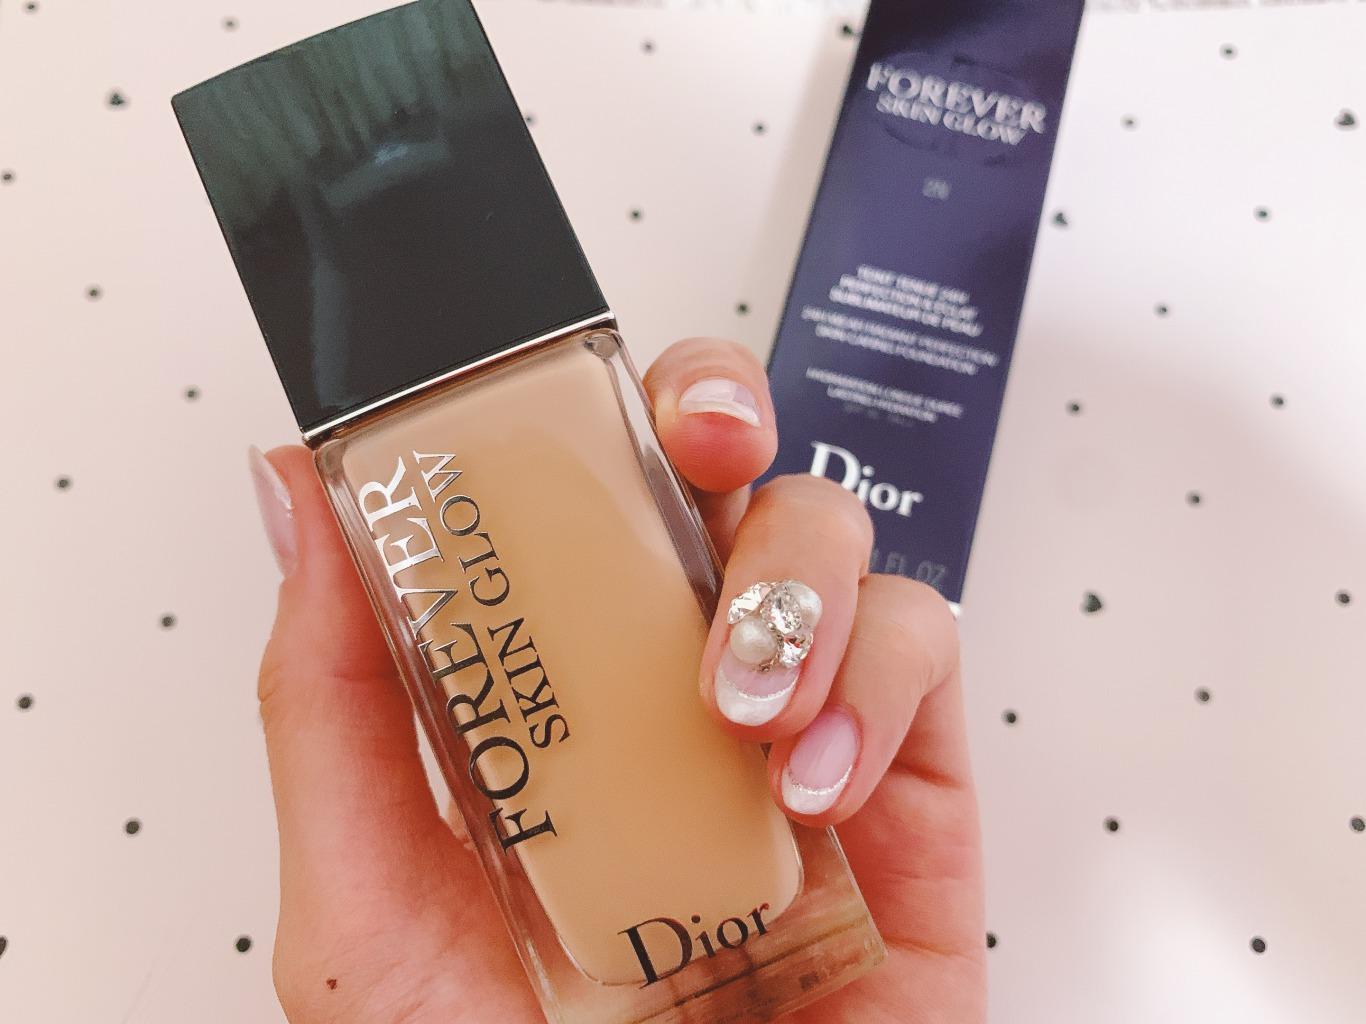 【崩れないツヤ肌】Diorセミグロウファンデ★24時間化粧もちキープ!_2